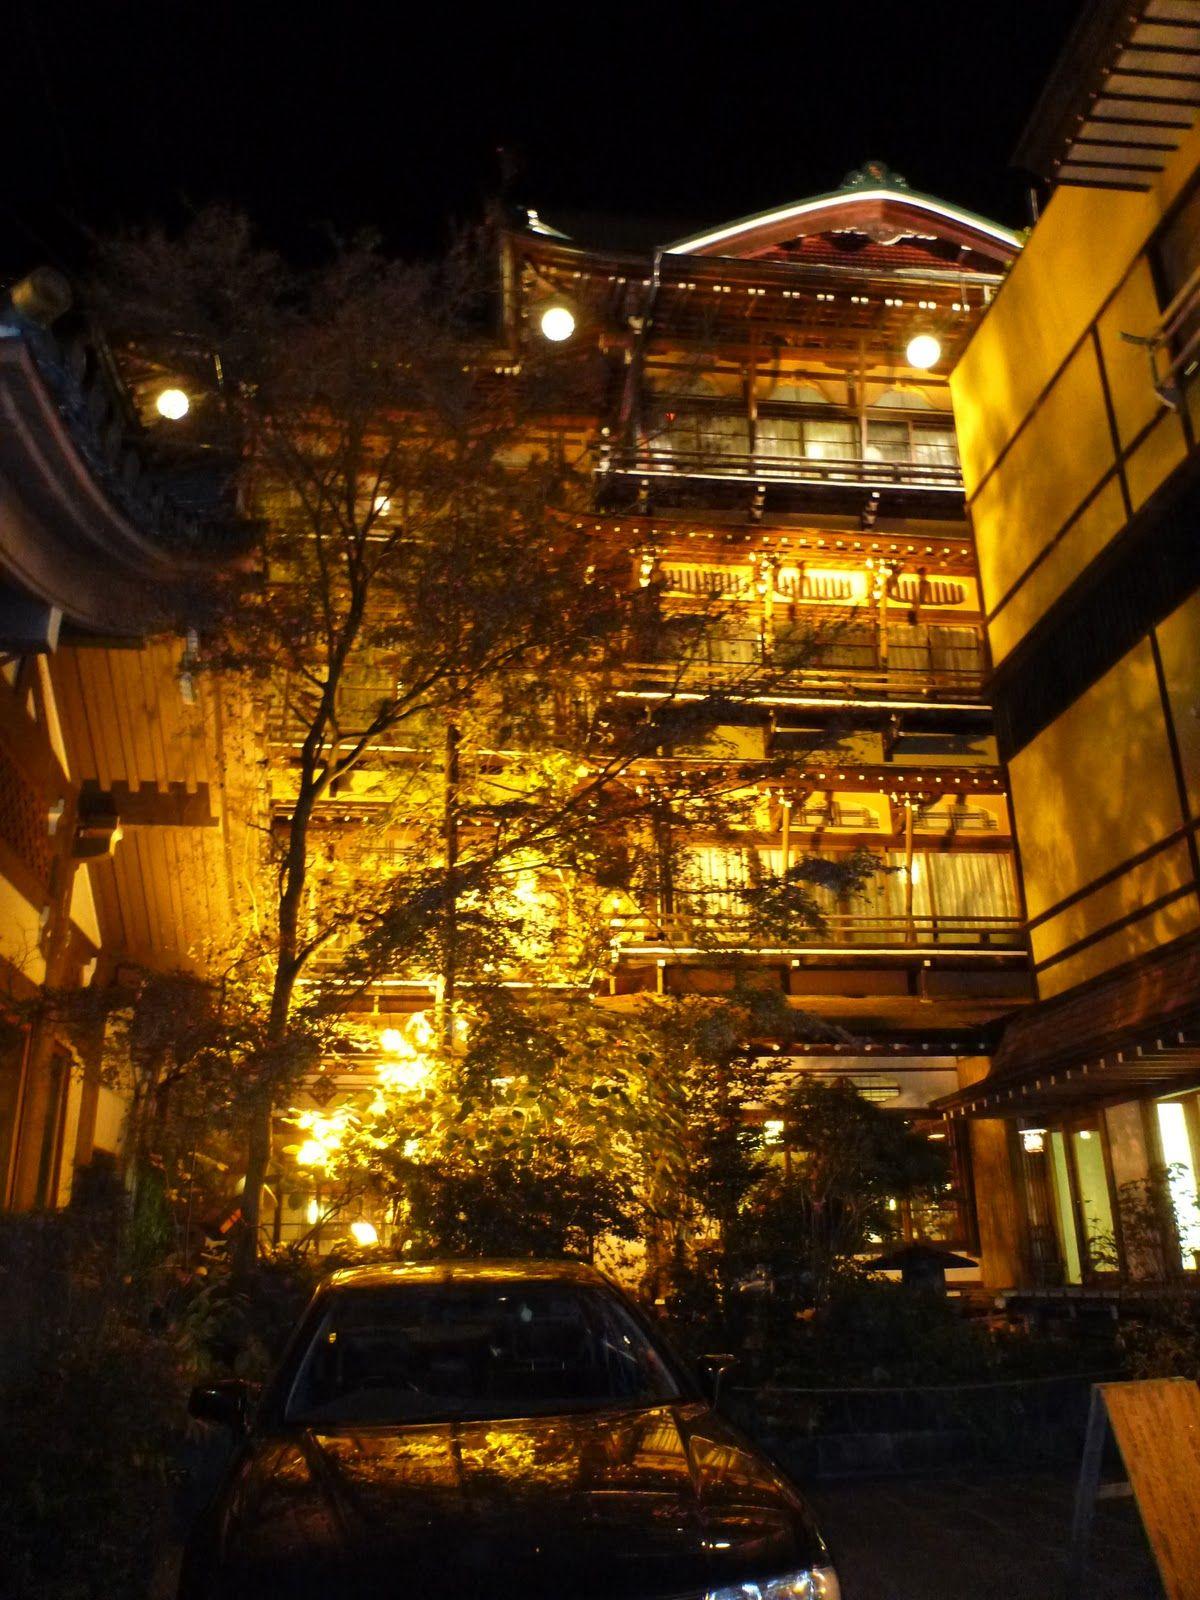 94 ジブリ映画のモデルになった渋温泉 金具屋 長野 外国人に紹介したい現代版 日本百景 Japan Landscape Best100 画像あり 風景 温泉 美しい場所